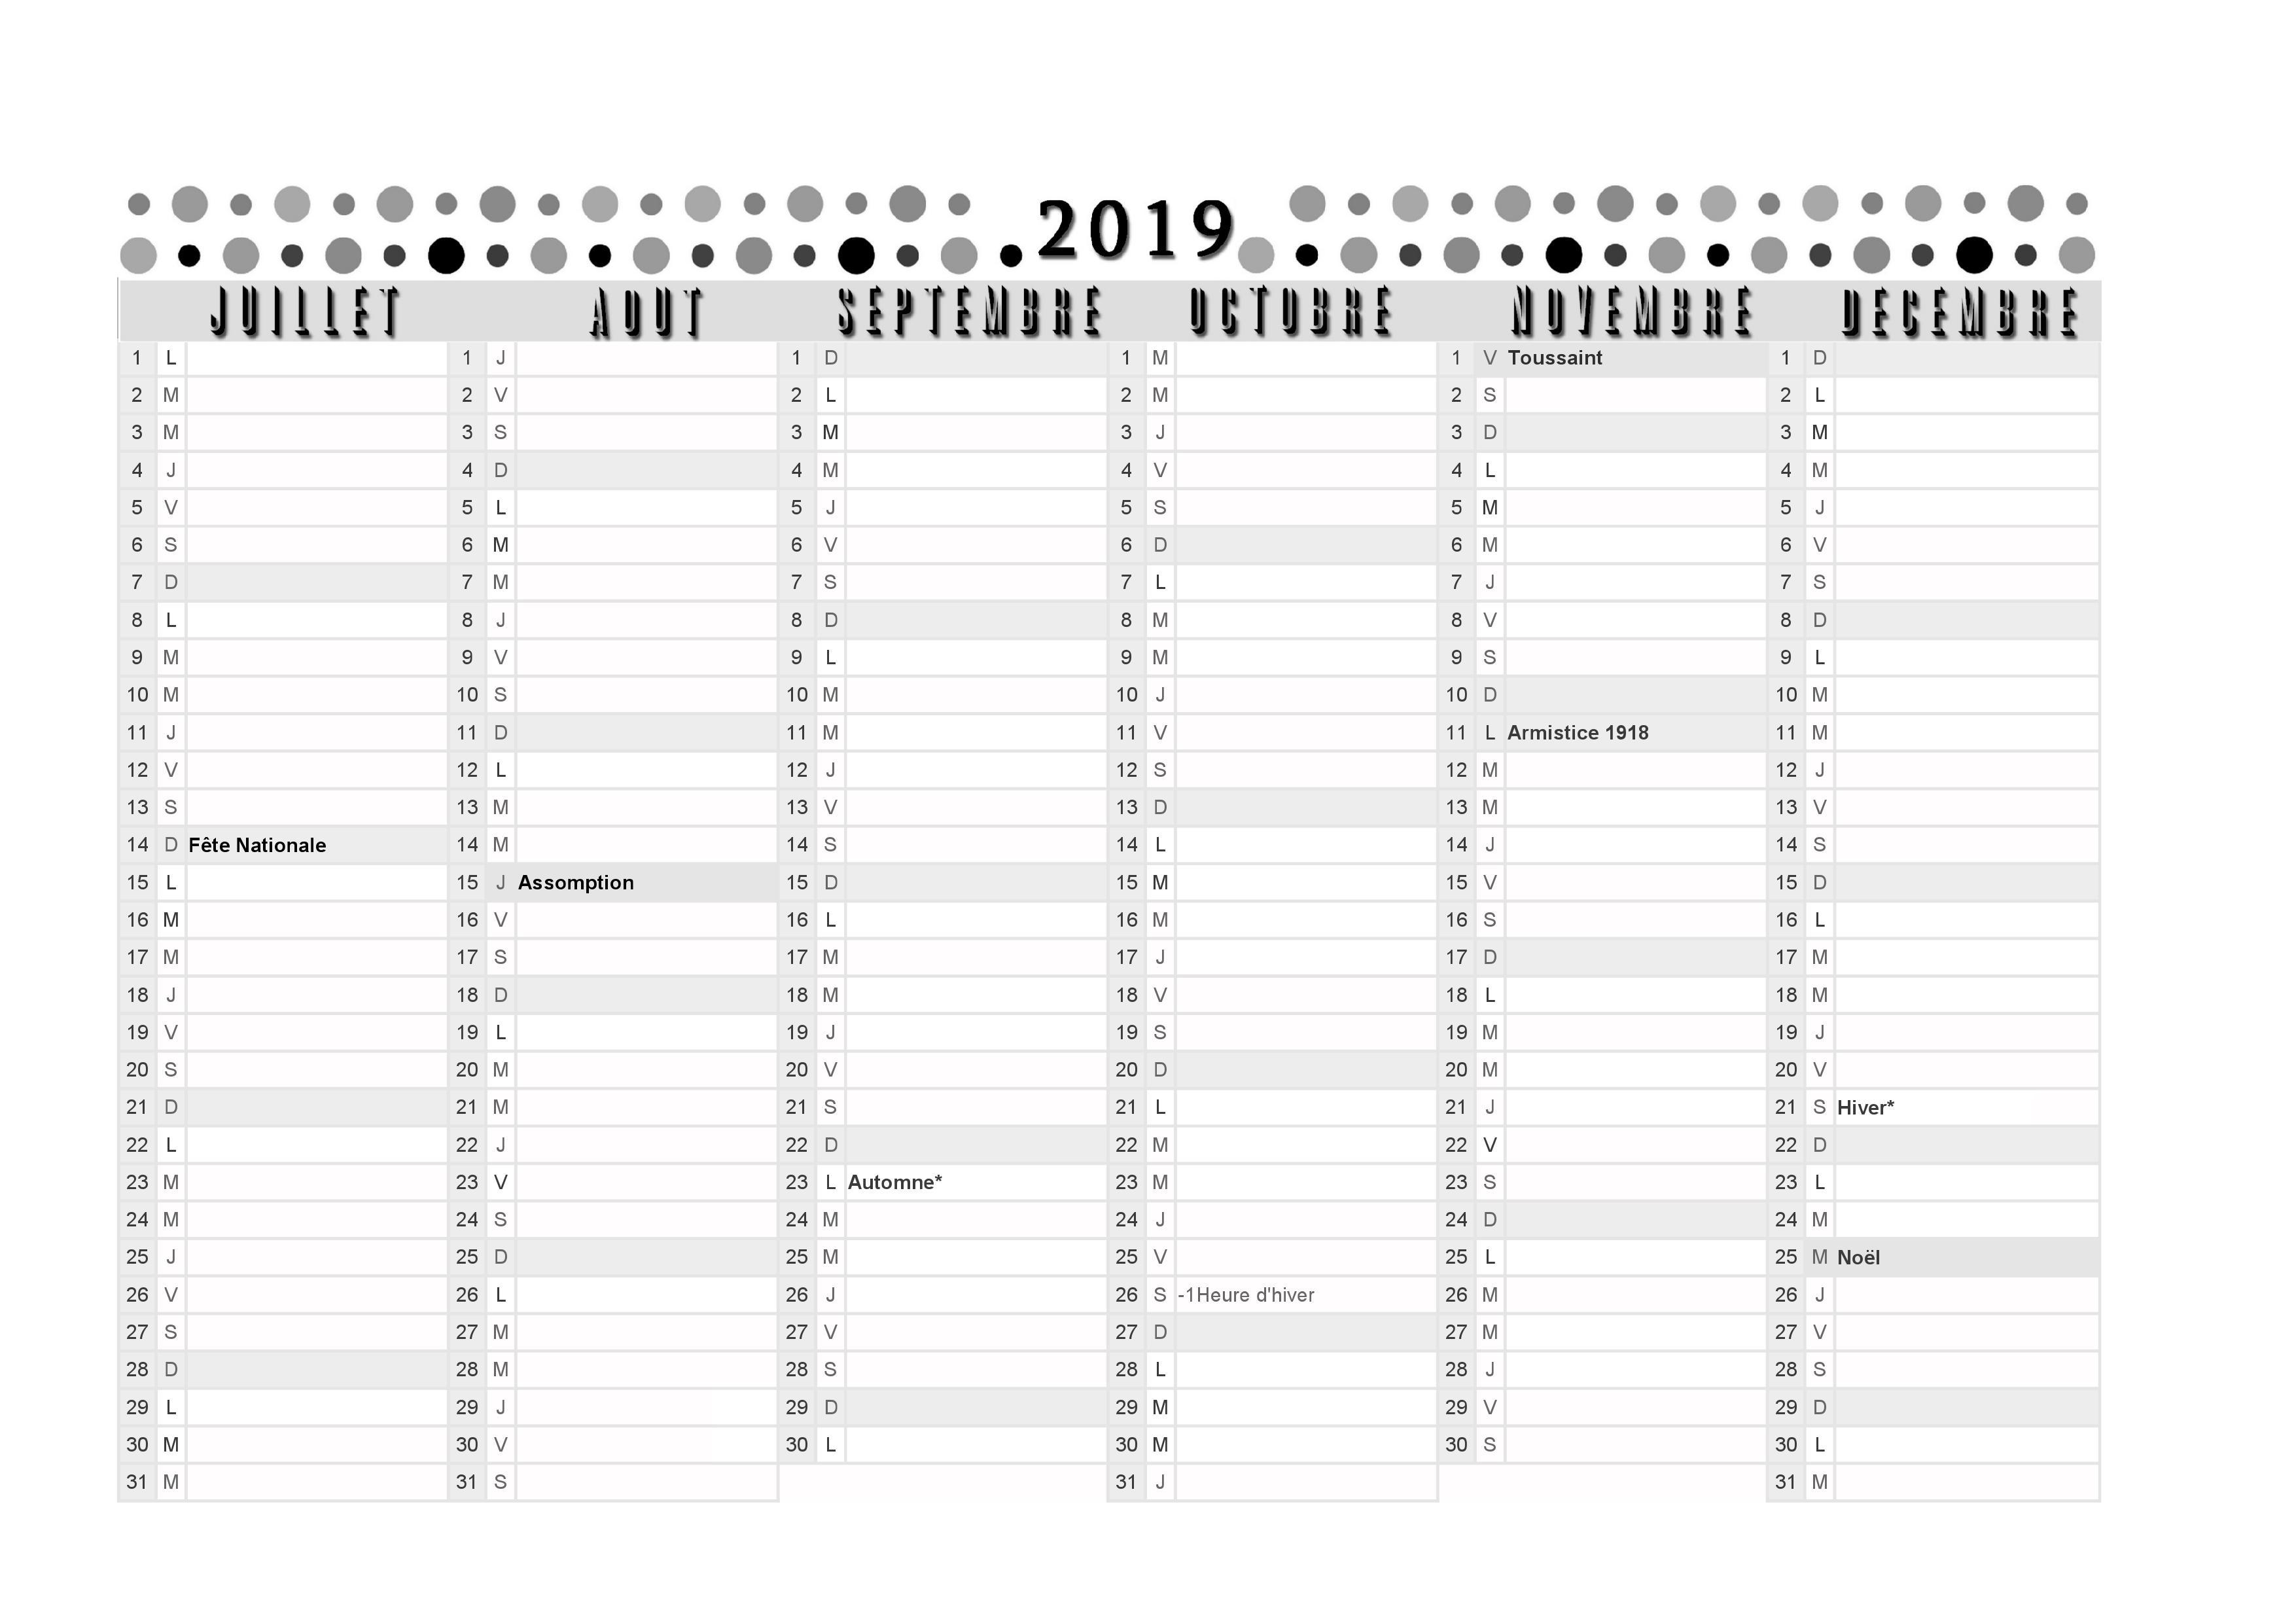 Calendrier 2019 Semestre 1.Calendrier 2019 2eme Semestre